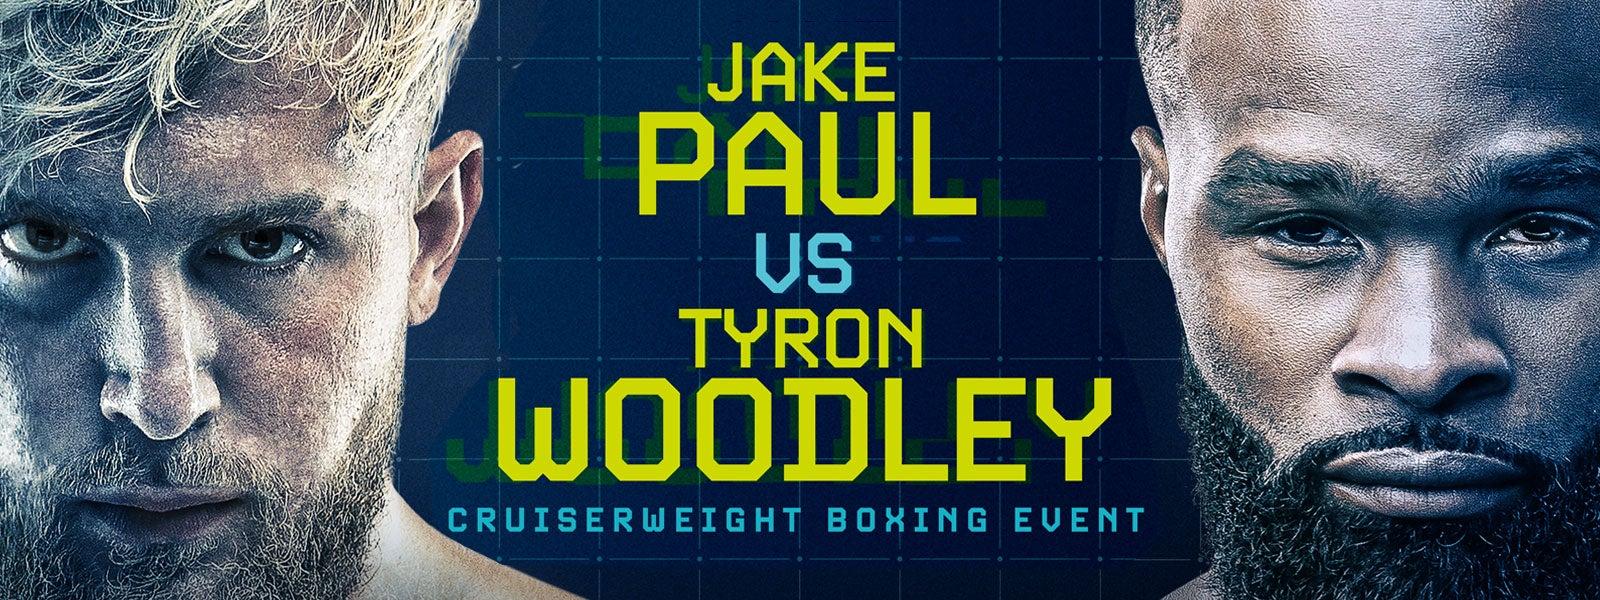 Jake Paul vs. Tyron Woodley